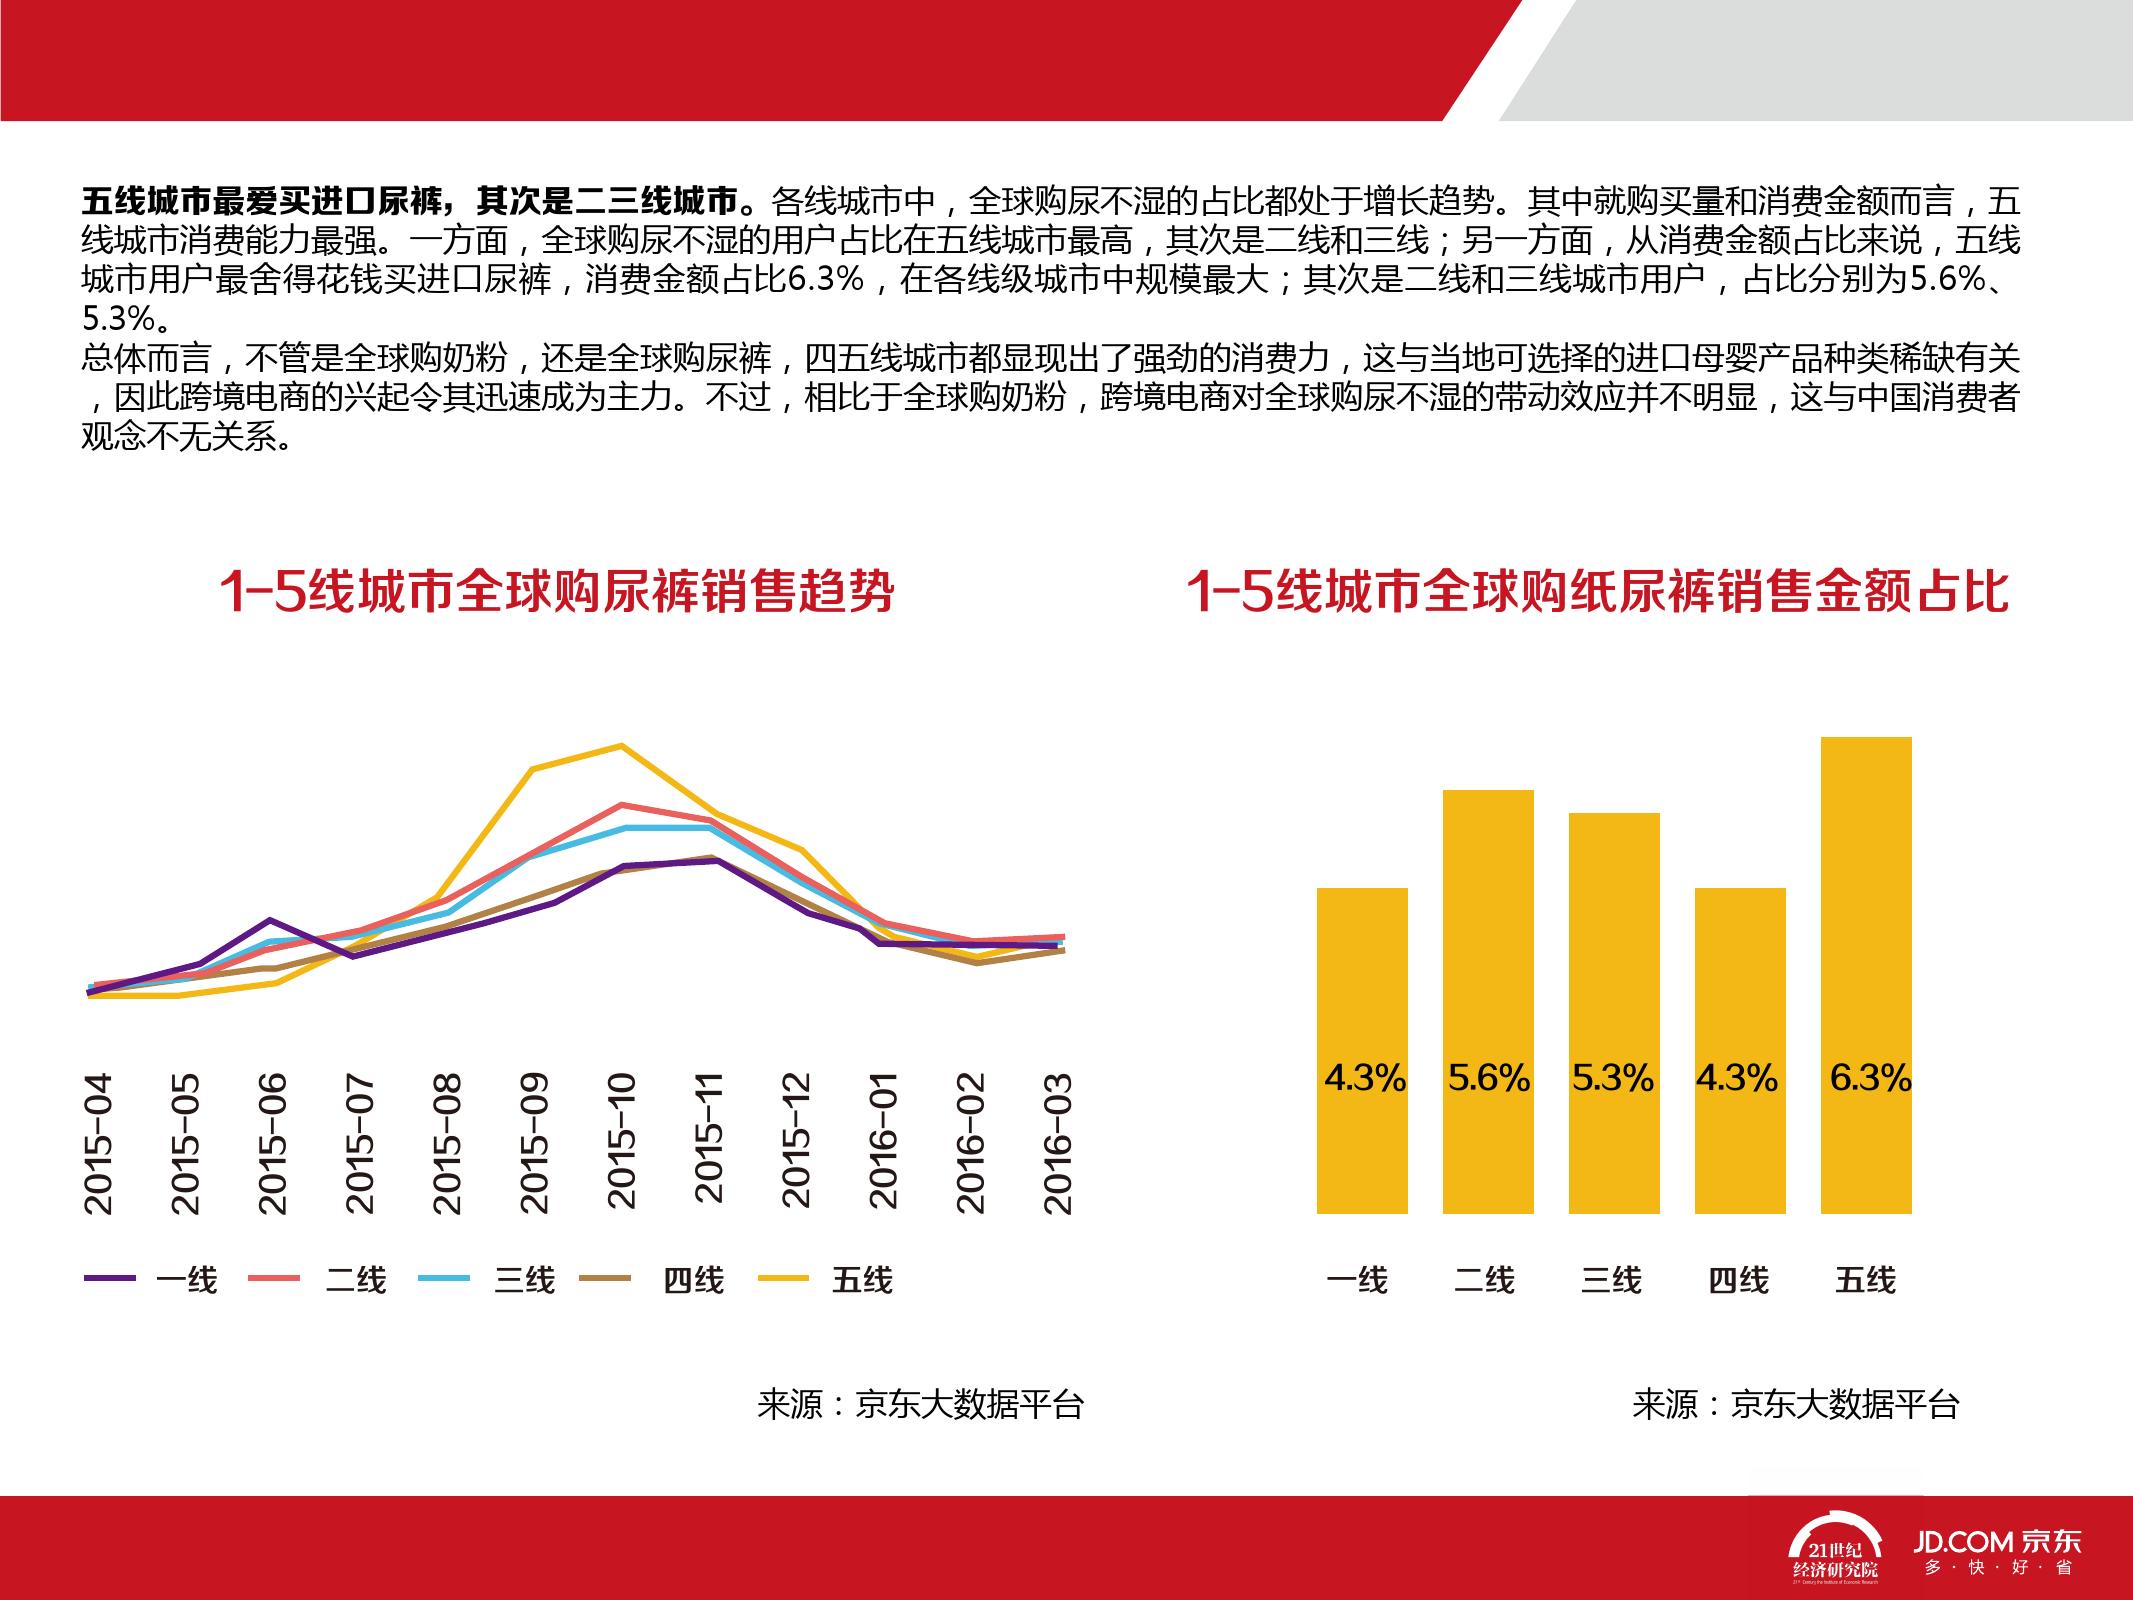 2016中国母婴产品消费趋势报告_000039